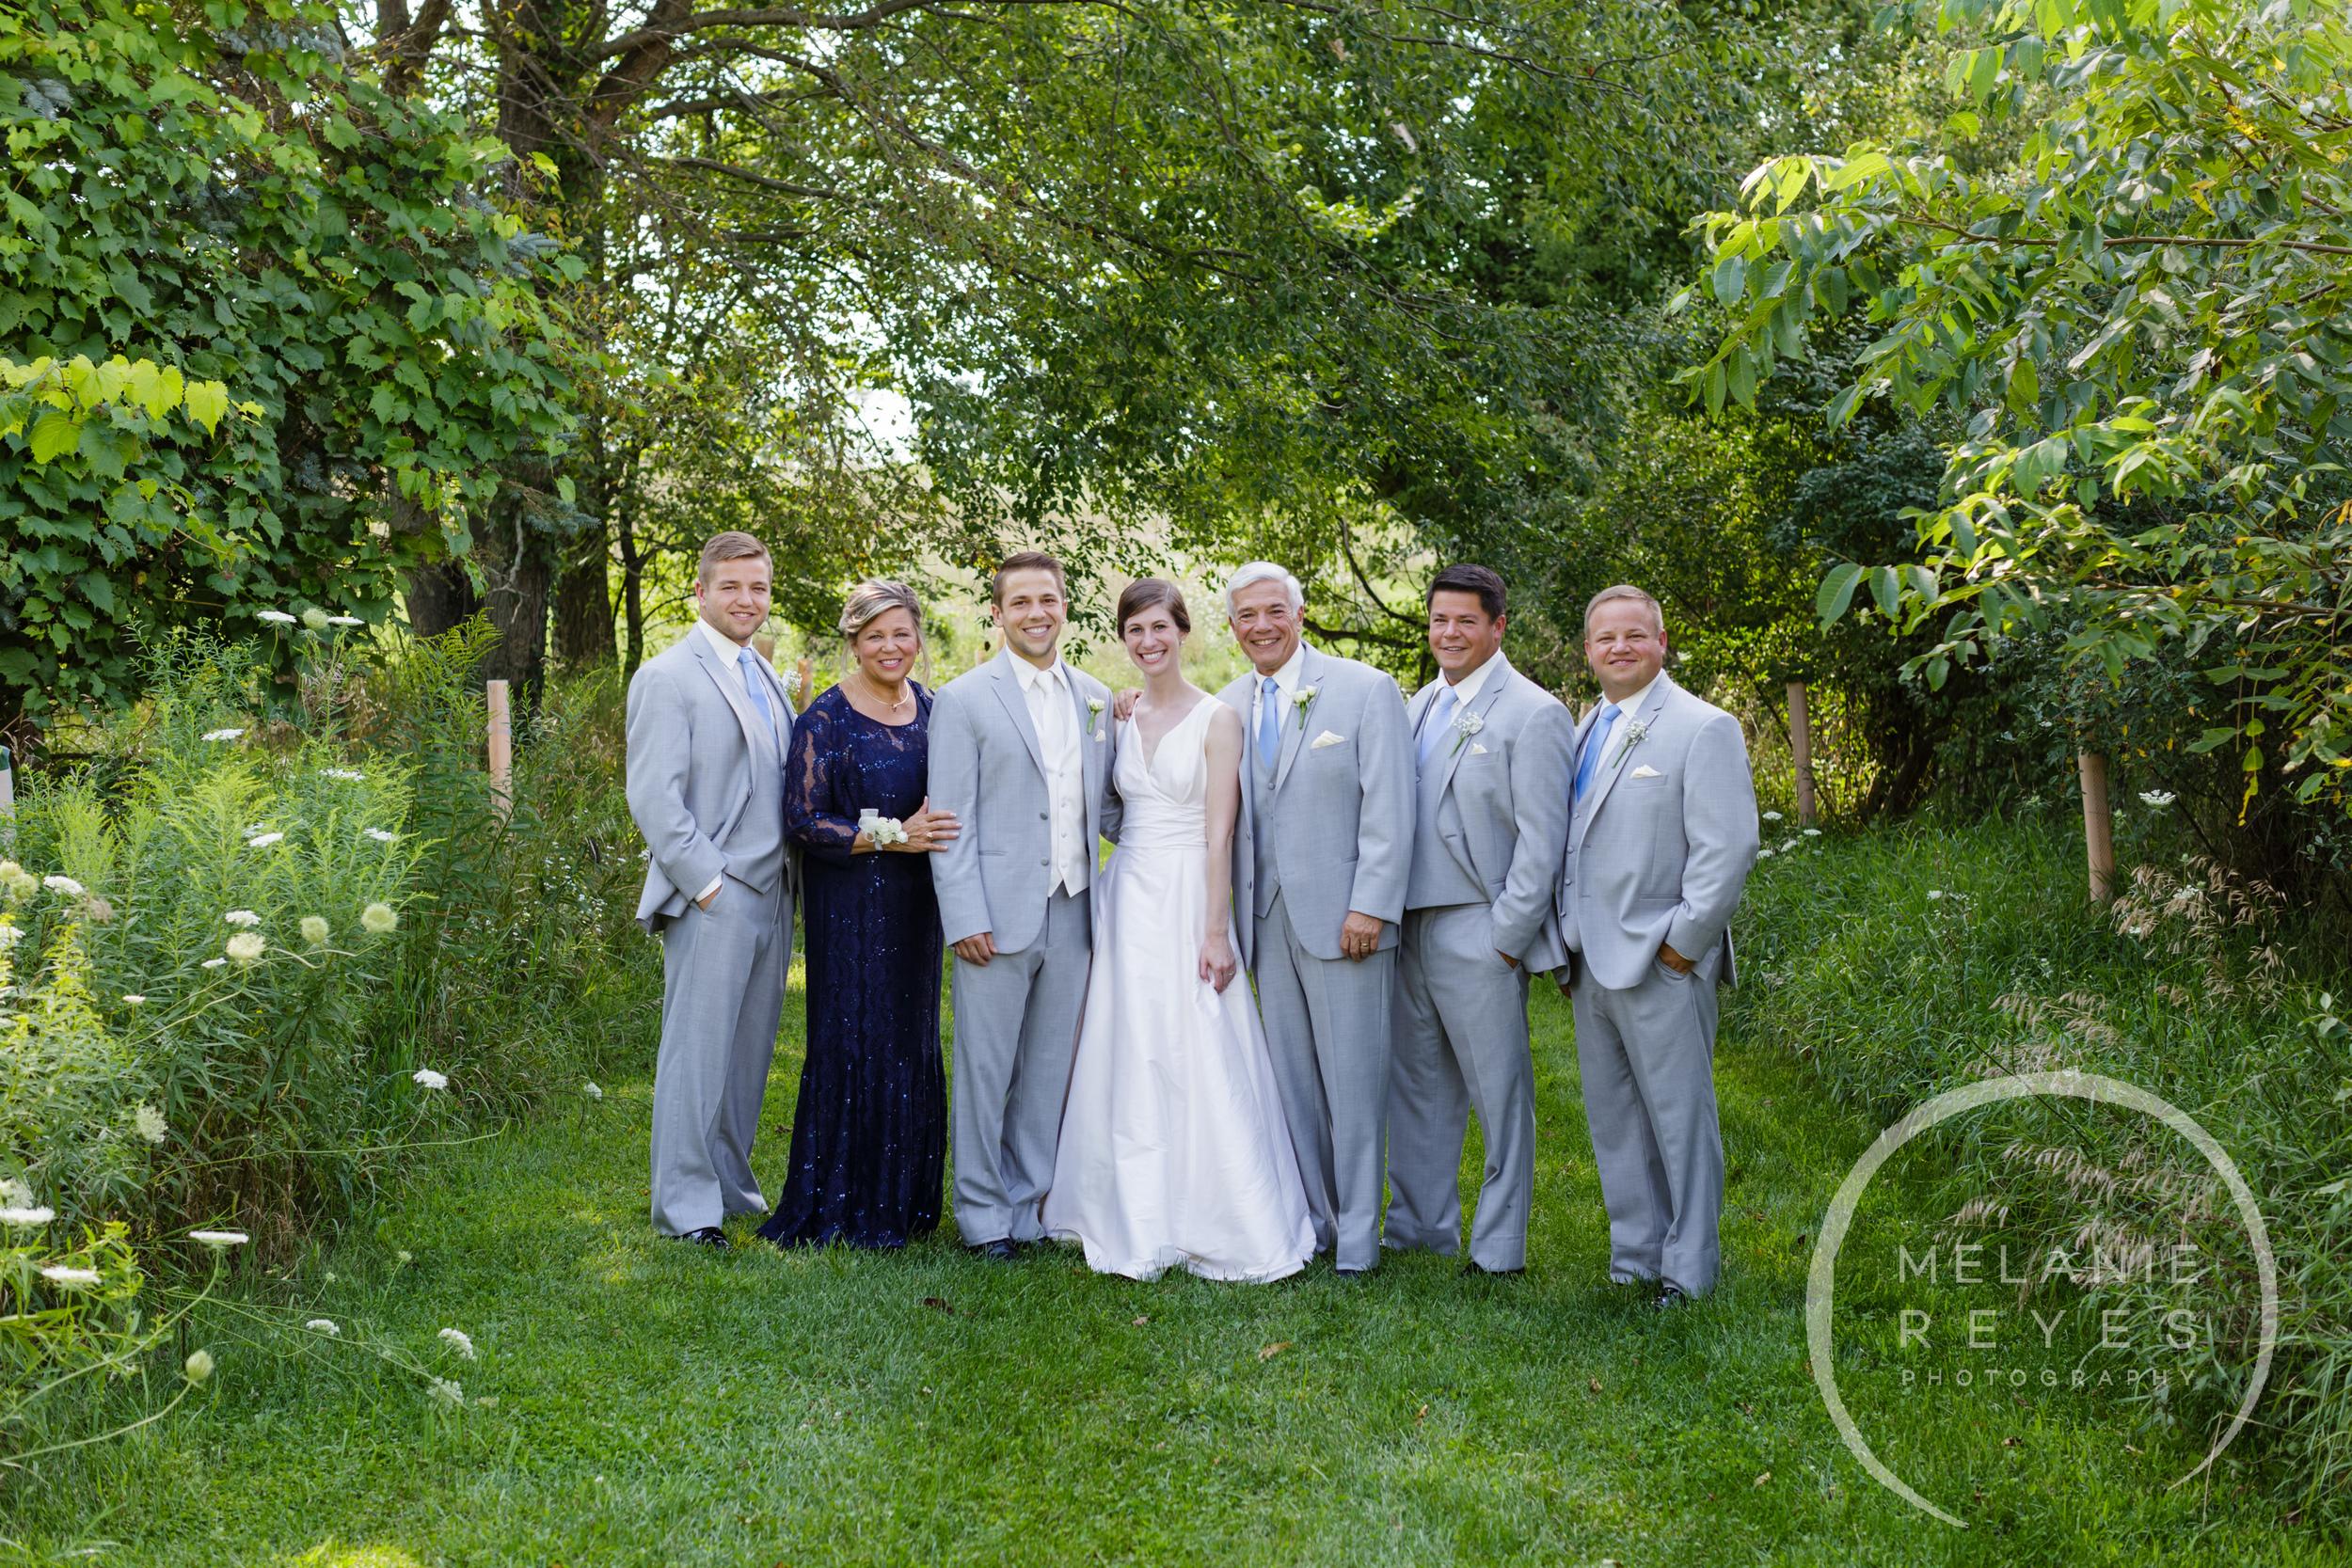 036_farm_wedding_melanie_reyes.JPG